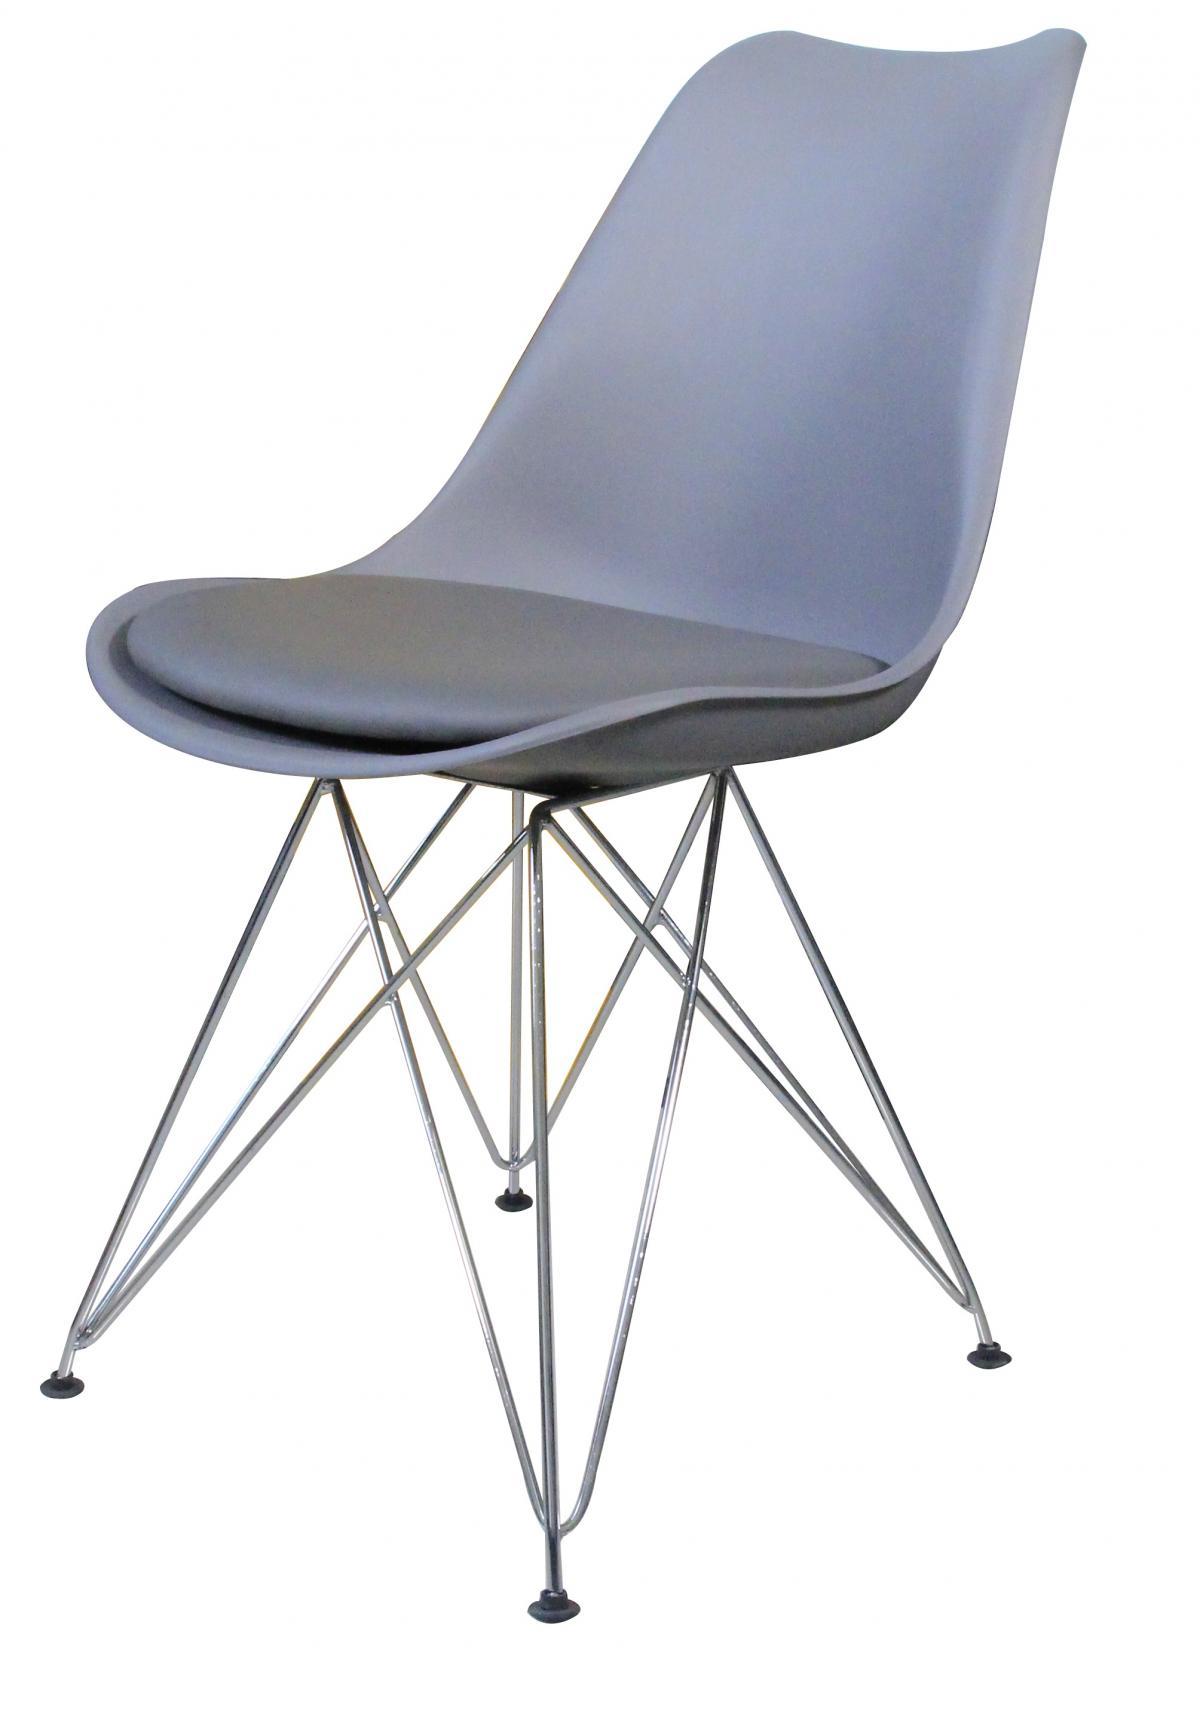 כיסא לפינת אוכל דגם Metal Tulip אפור